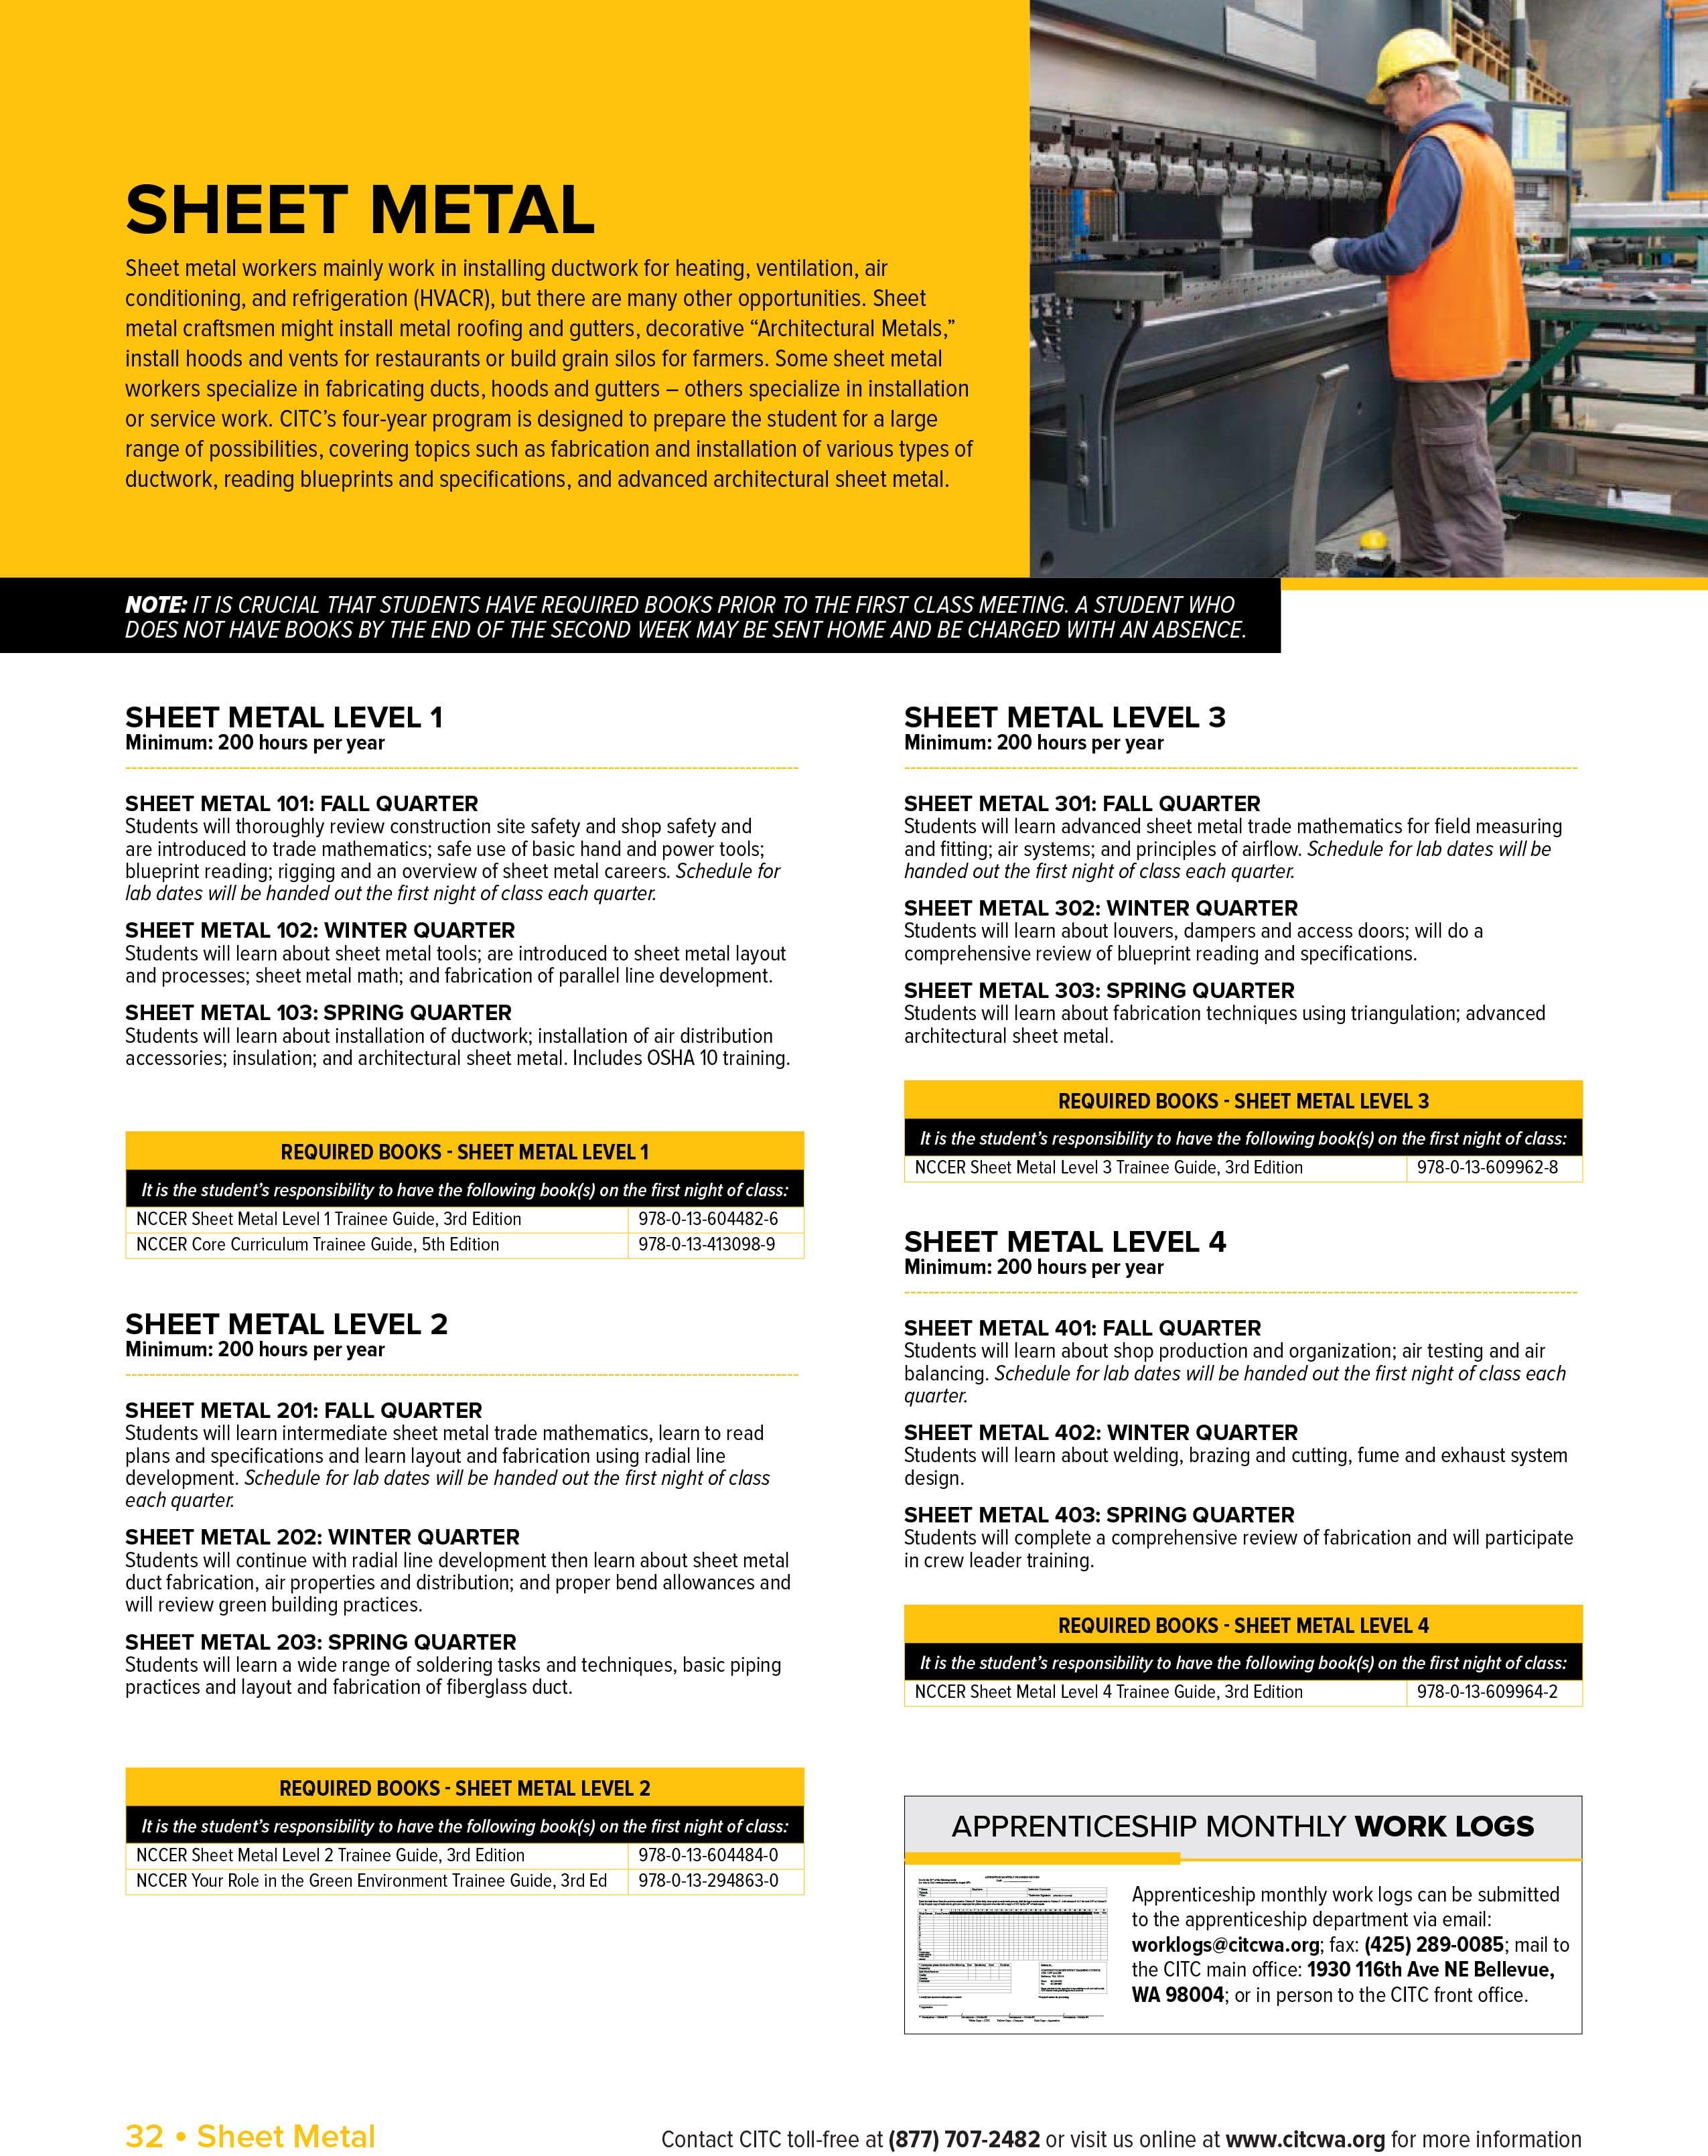 Craft Training: Sheet Metal - CITC